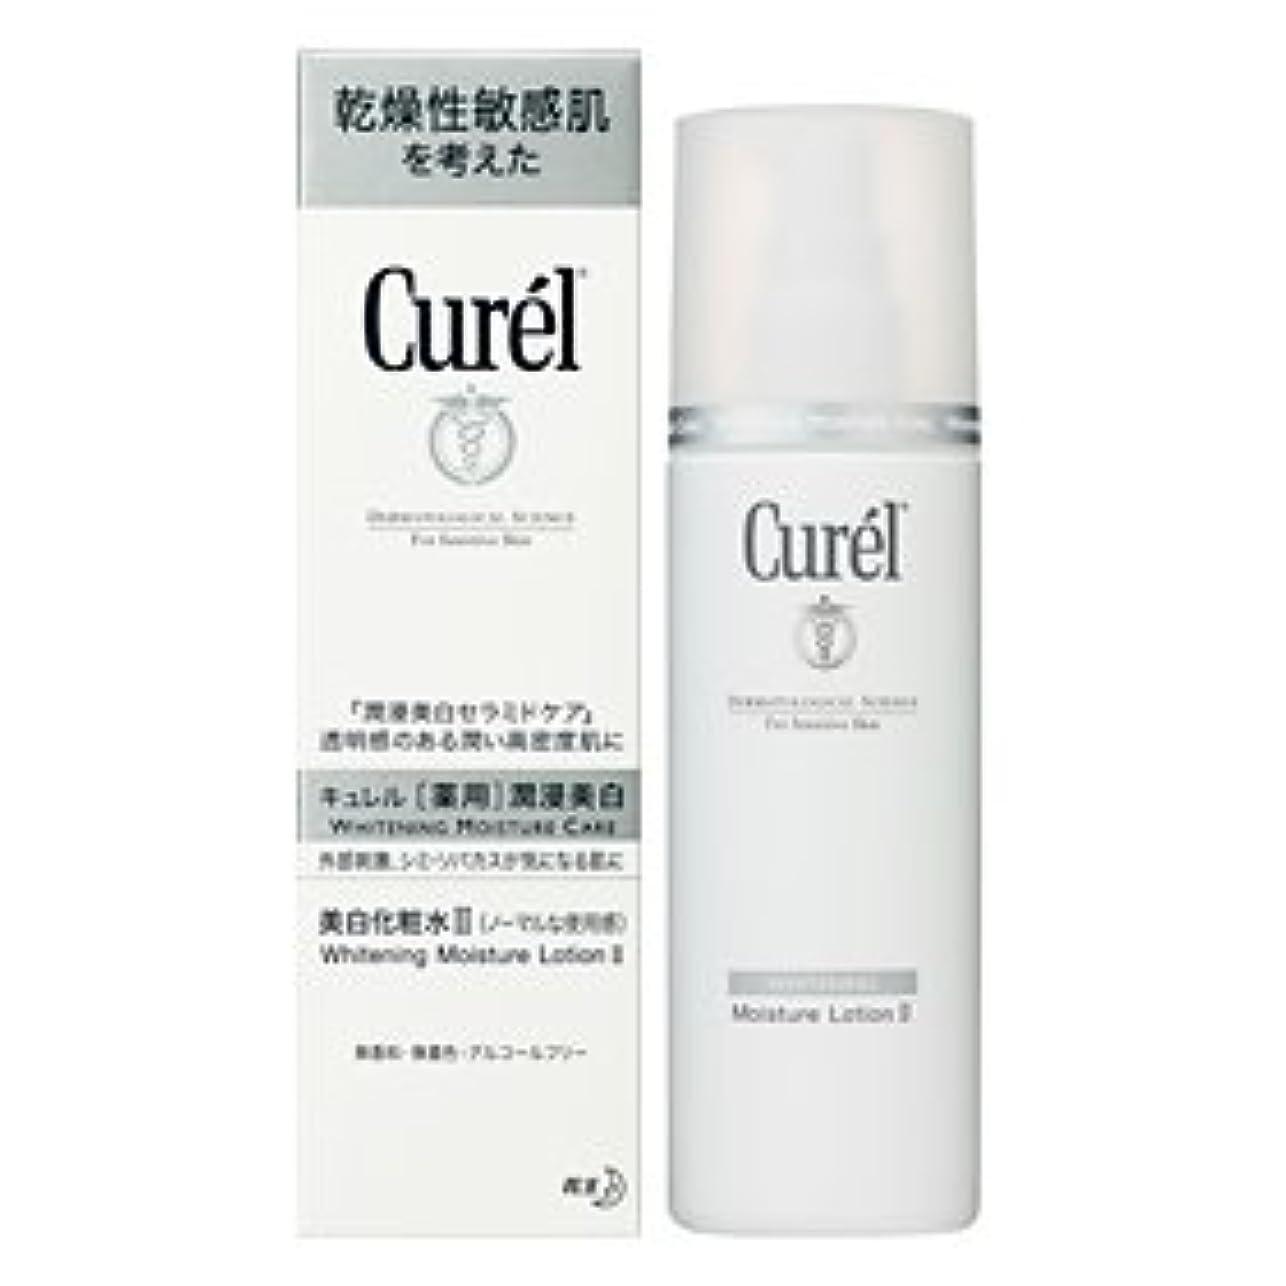 ゲートペンフレンド証明書キュレル 美白化粧水2(ノーマルな使用感) 140ml×3個セット